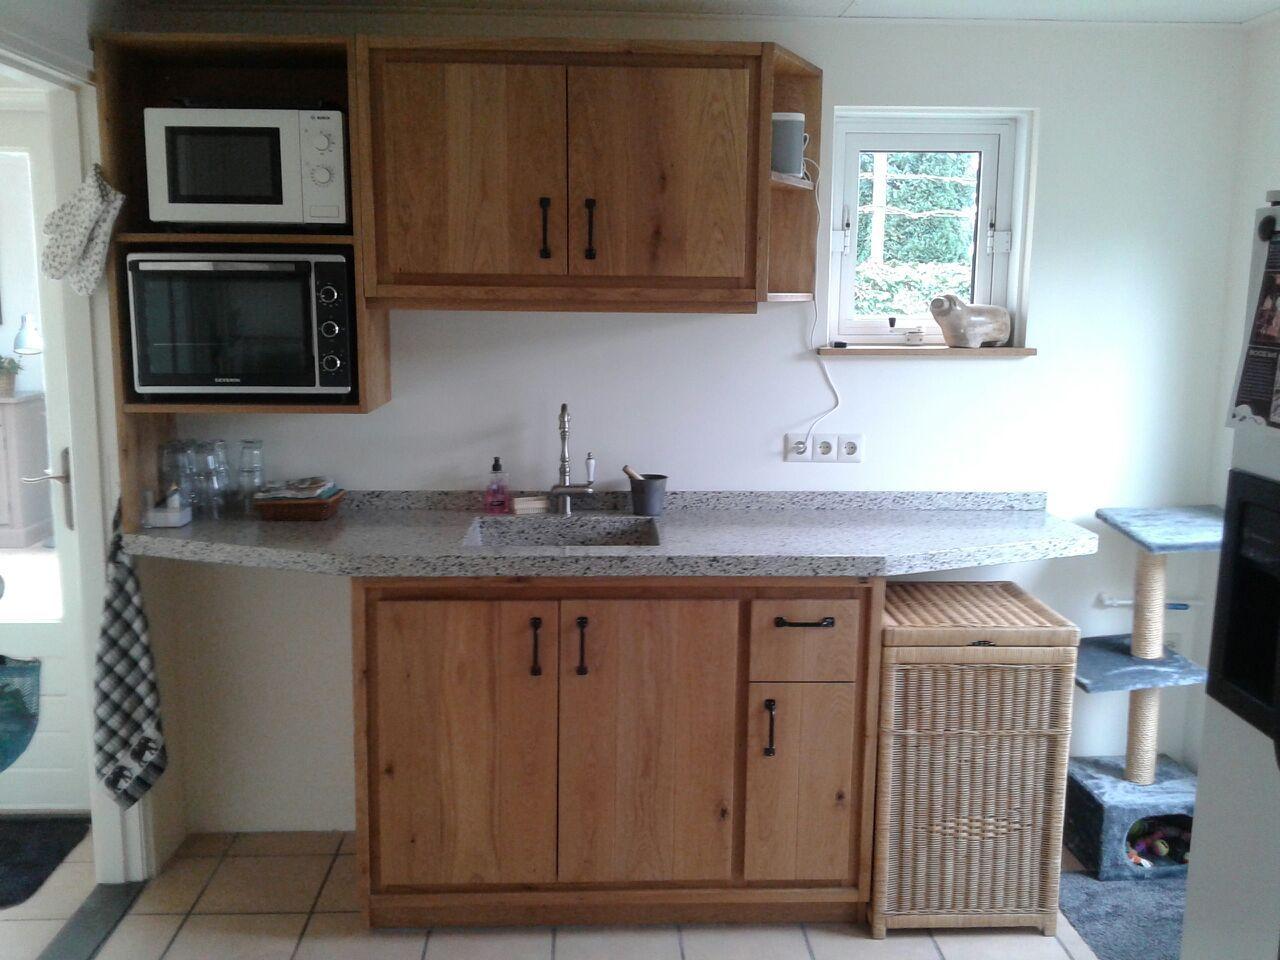 Eiken keuken op maat gemaakt. Met terrazzo blad en getegelde spoelbak. Gemaakt door houtsmederij.